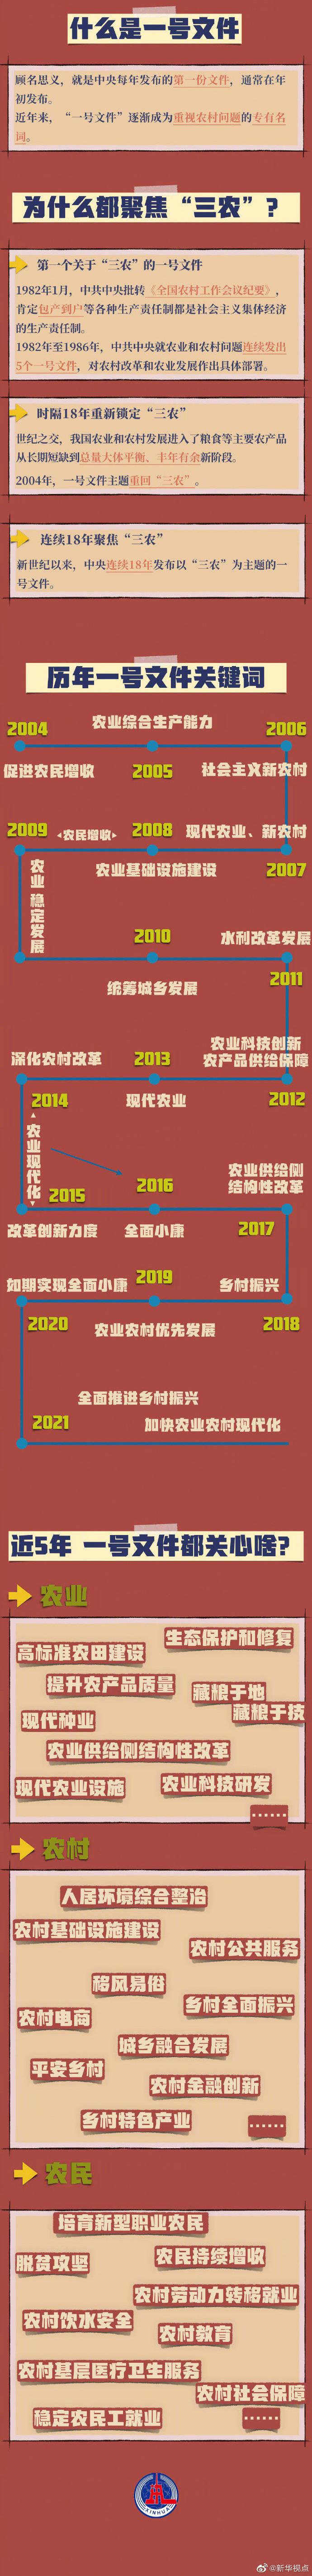 2021年中央一号文件发布,历年一号文件重点都为你划出来了